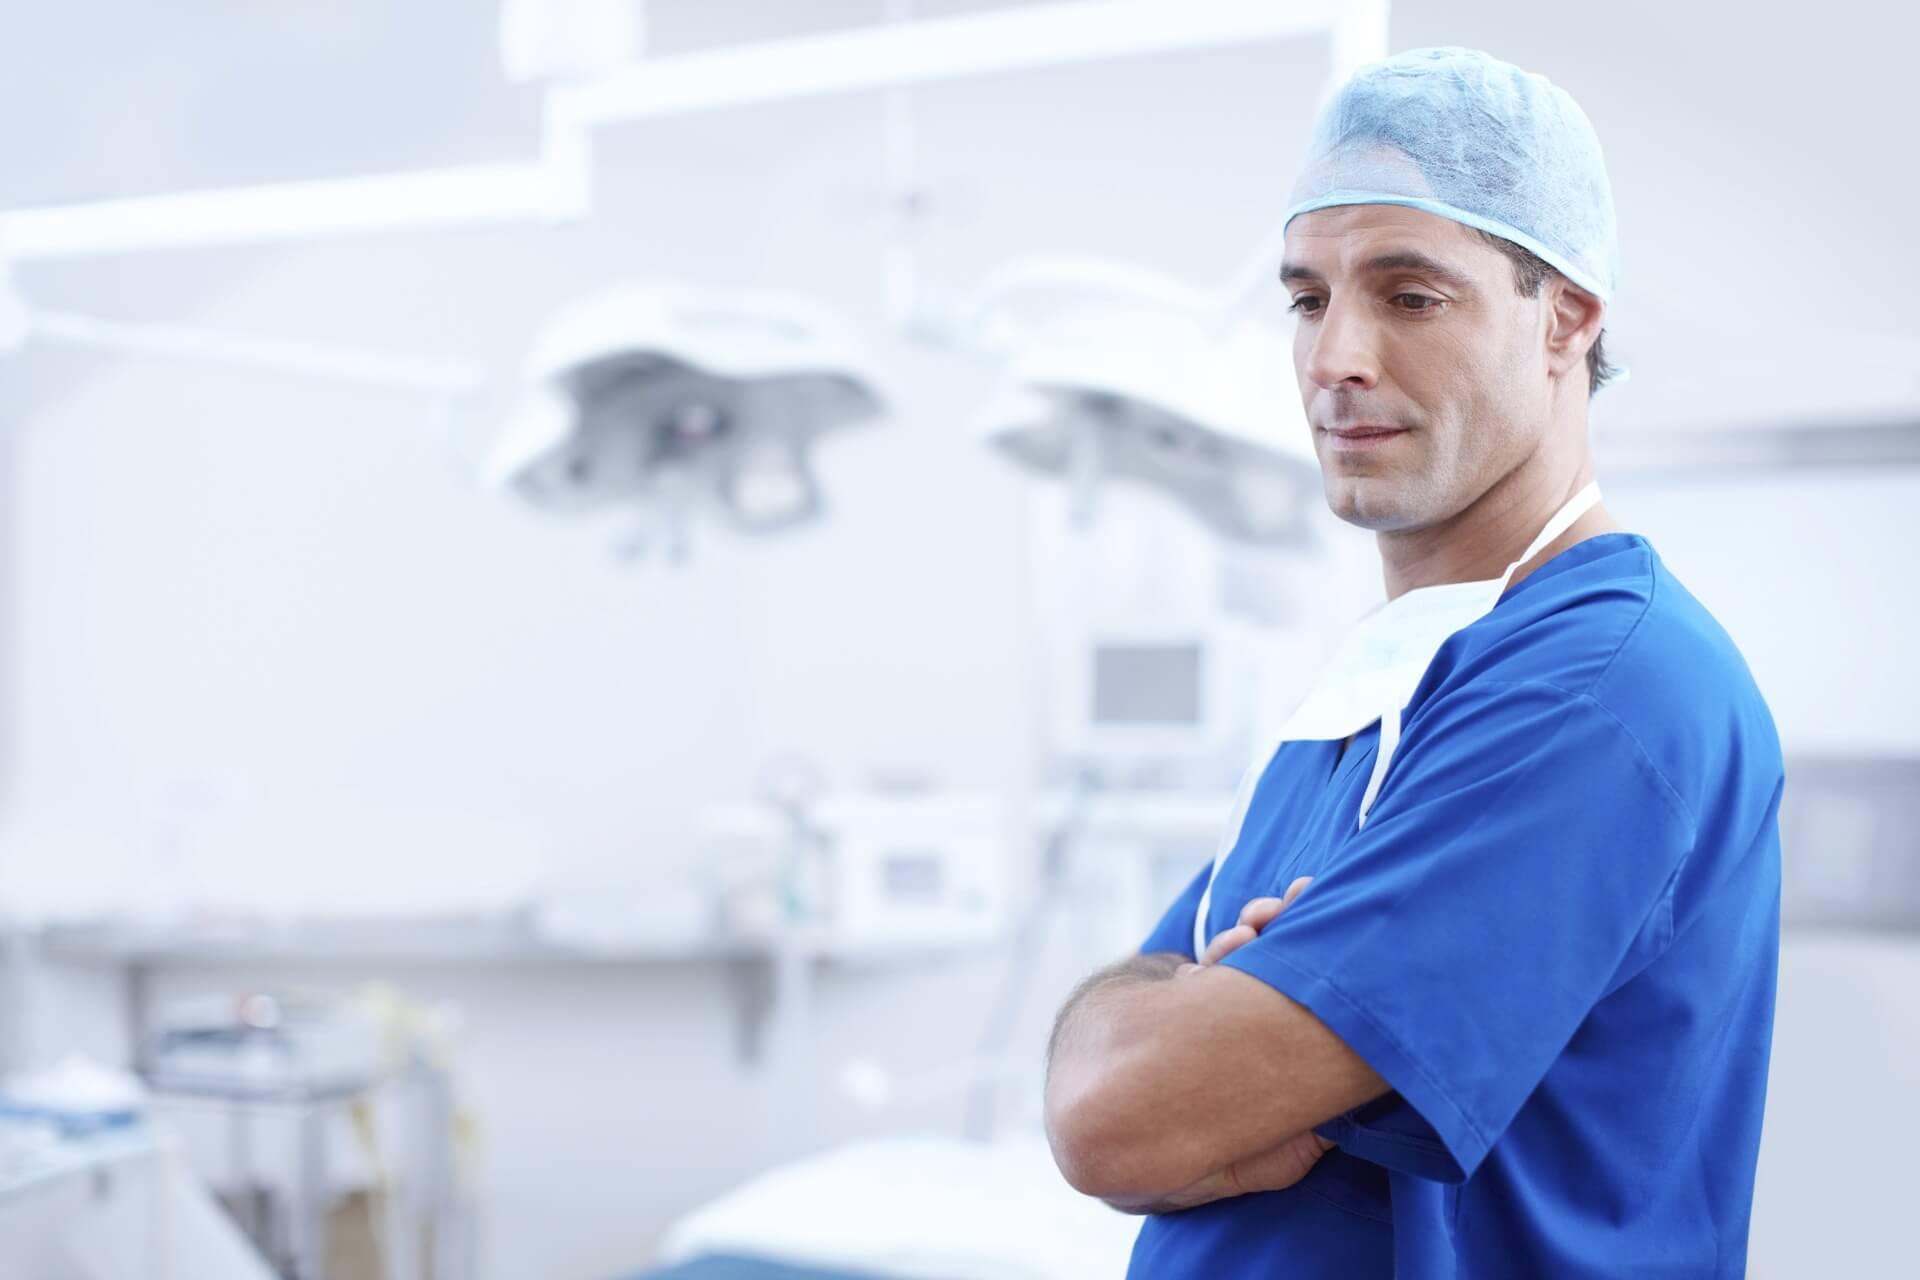 Arzt Sicherheit Absicherung